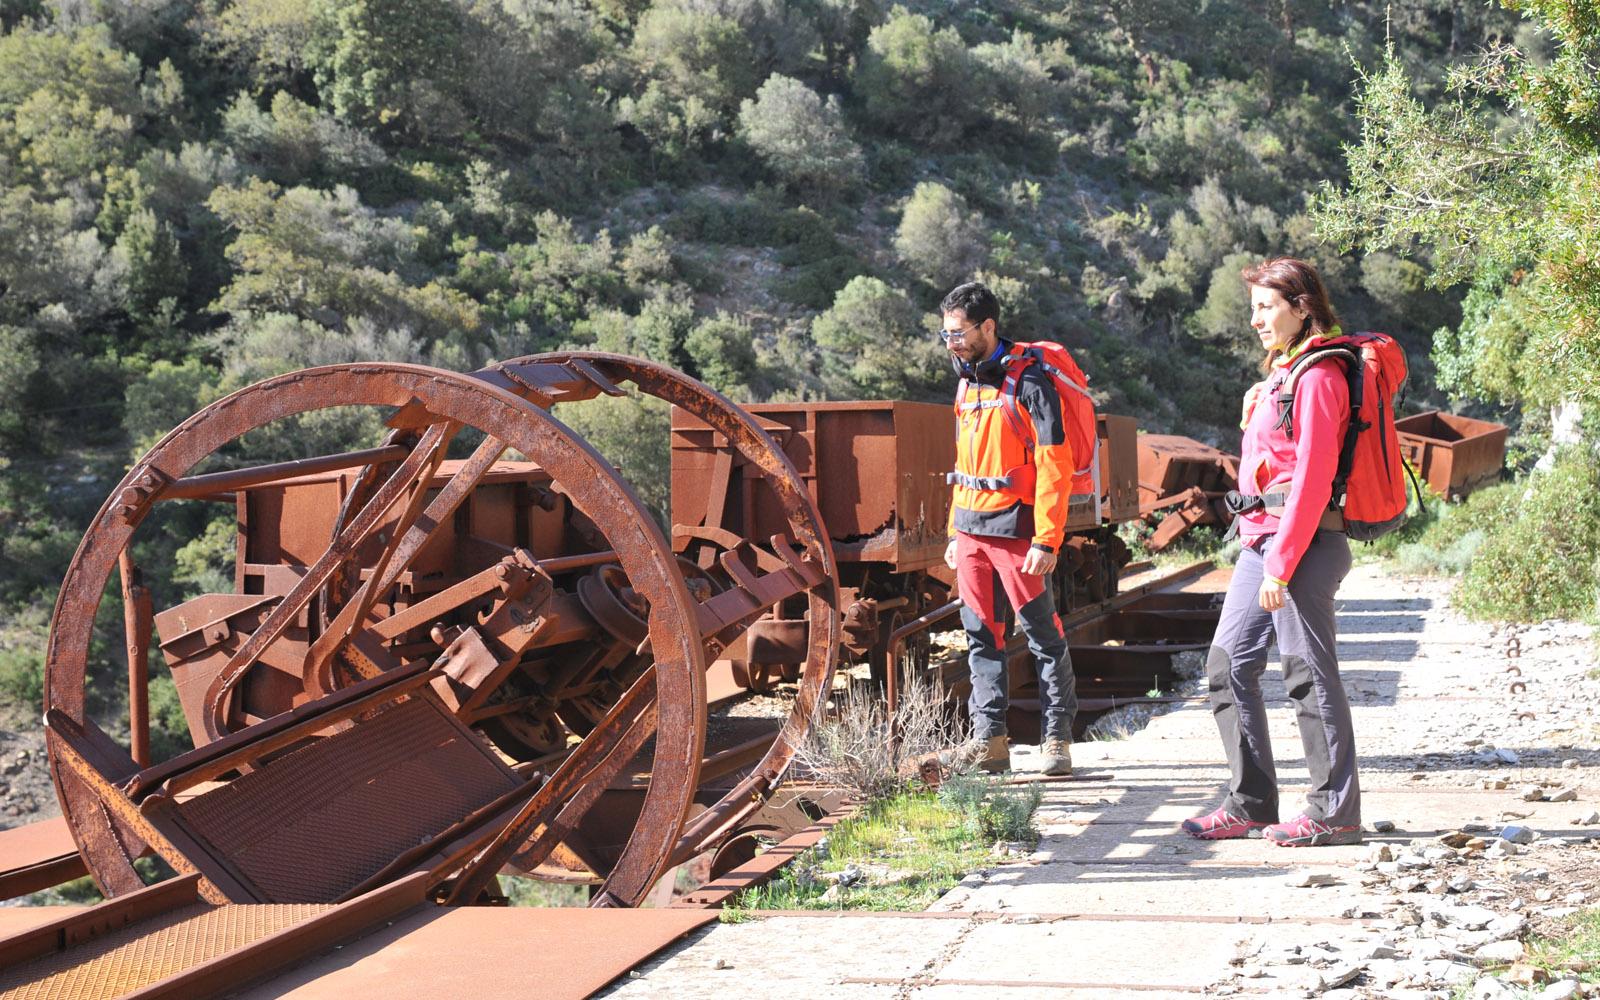 villaggi minerari sardegna Miniere sardegna